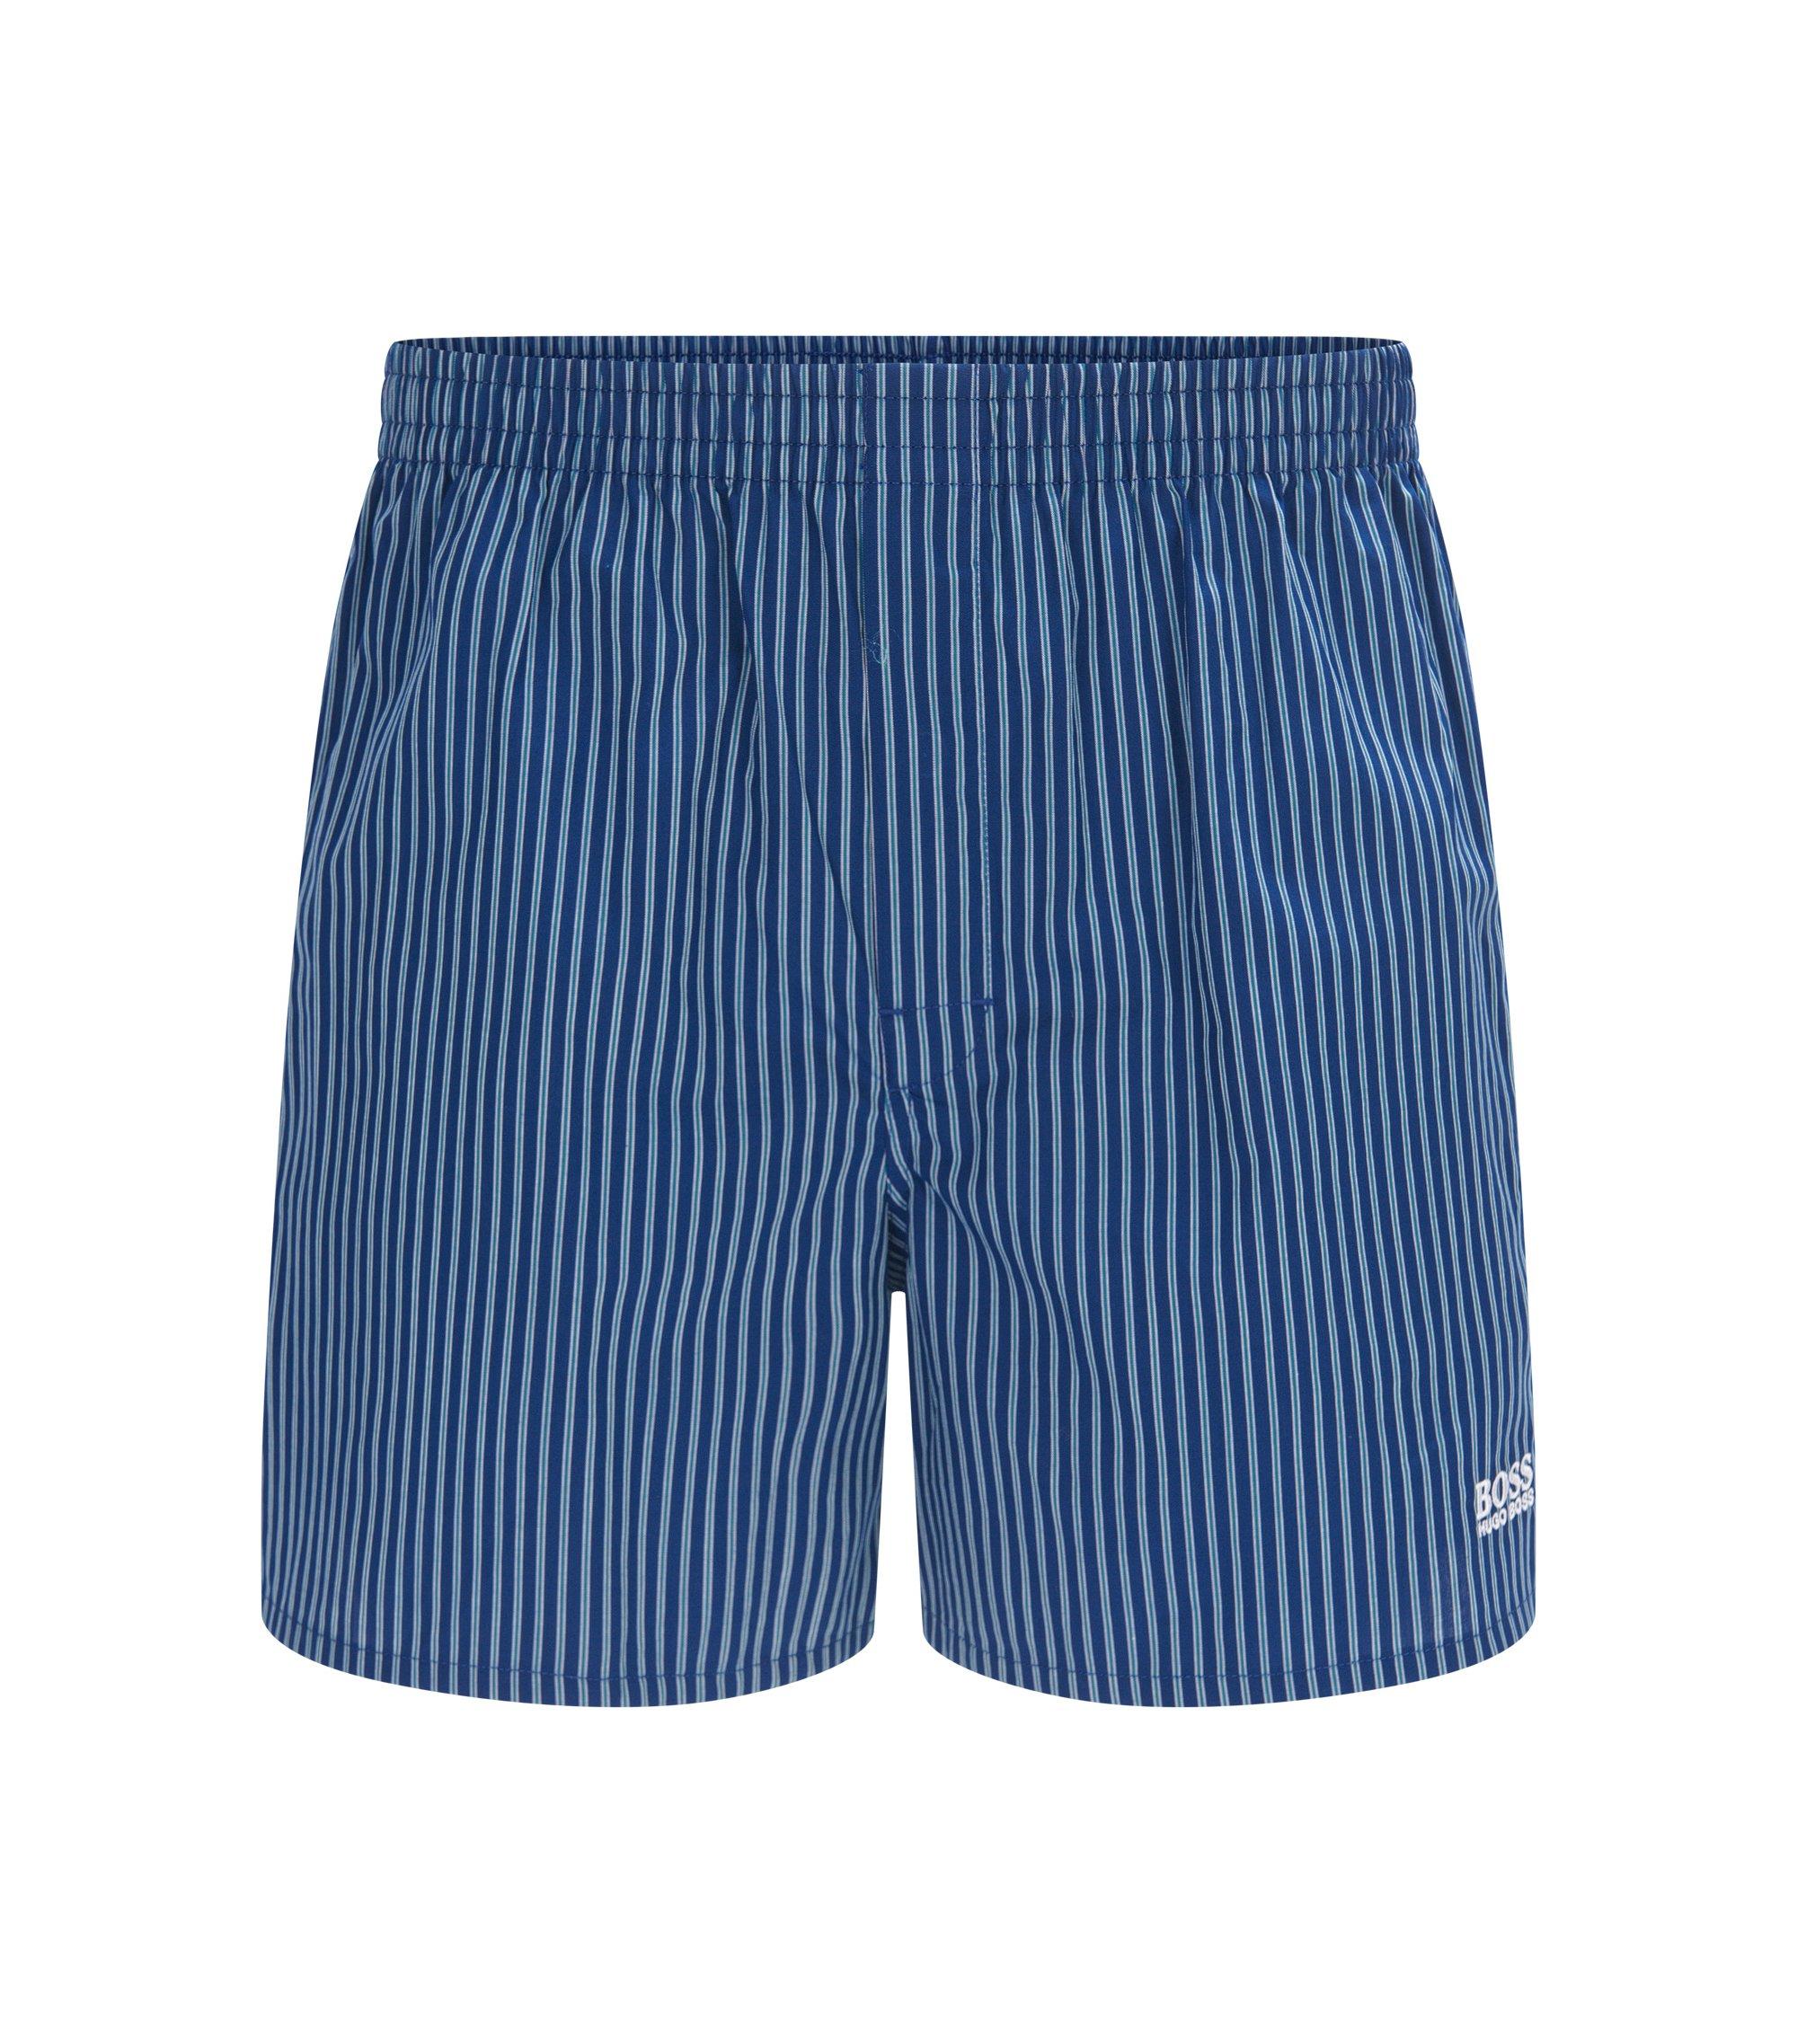 Boxer en coton à rayures verticales., Bleu foncé